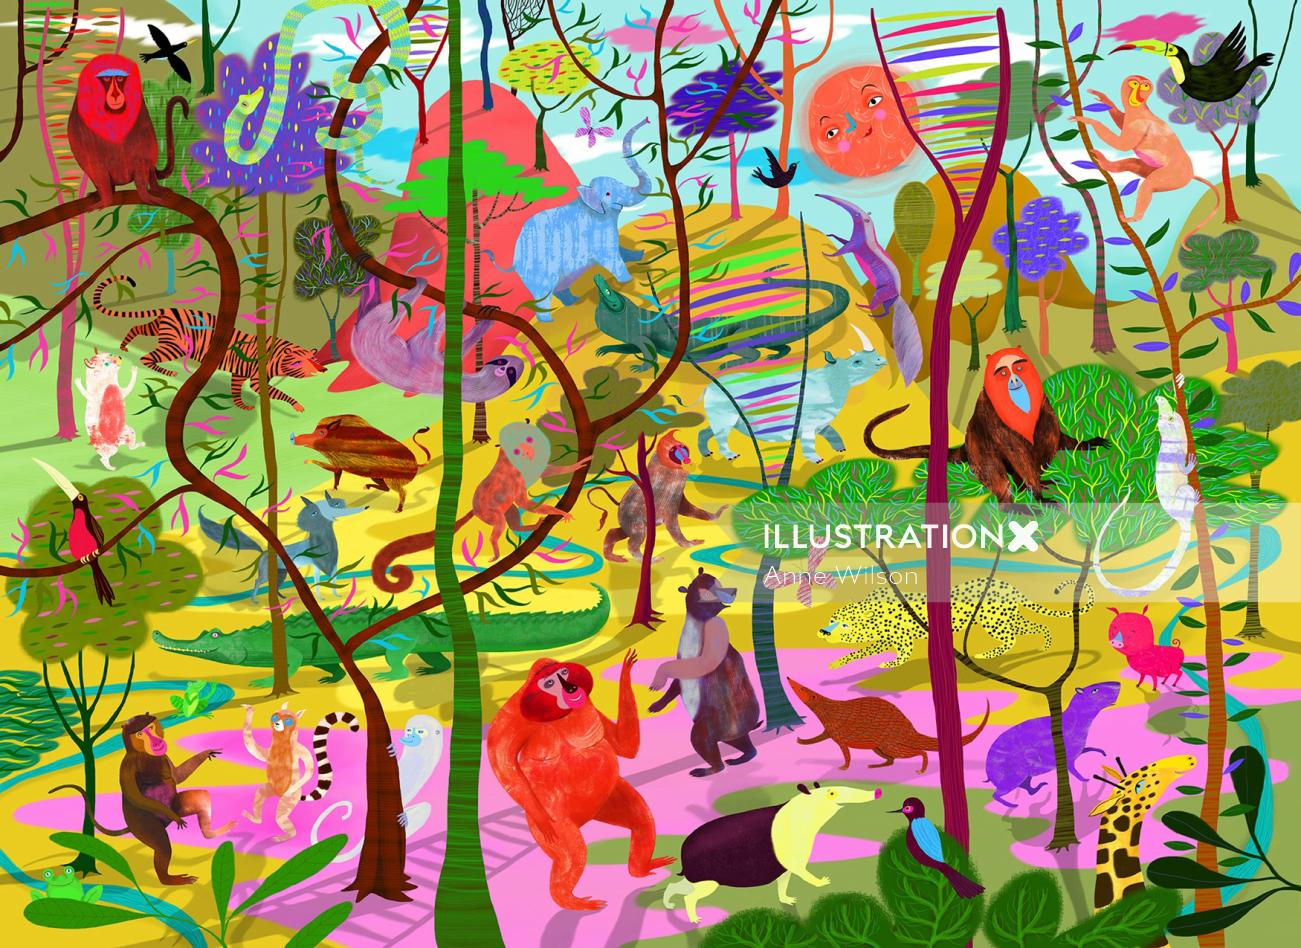 animals, creatures, mammals, speciess, wild animals, spiecies, wildlife